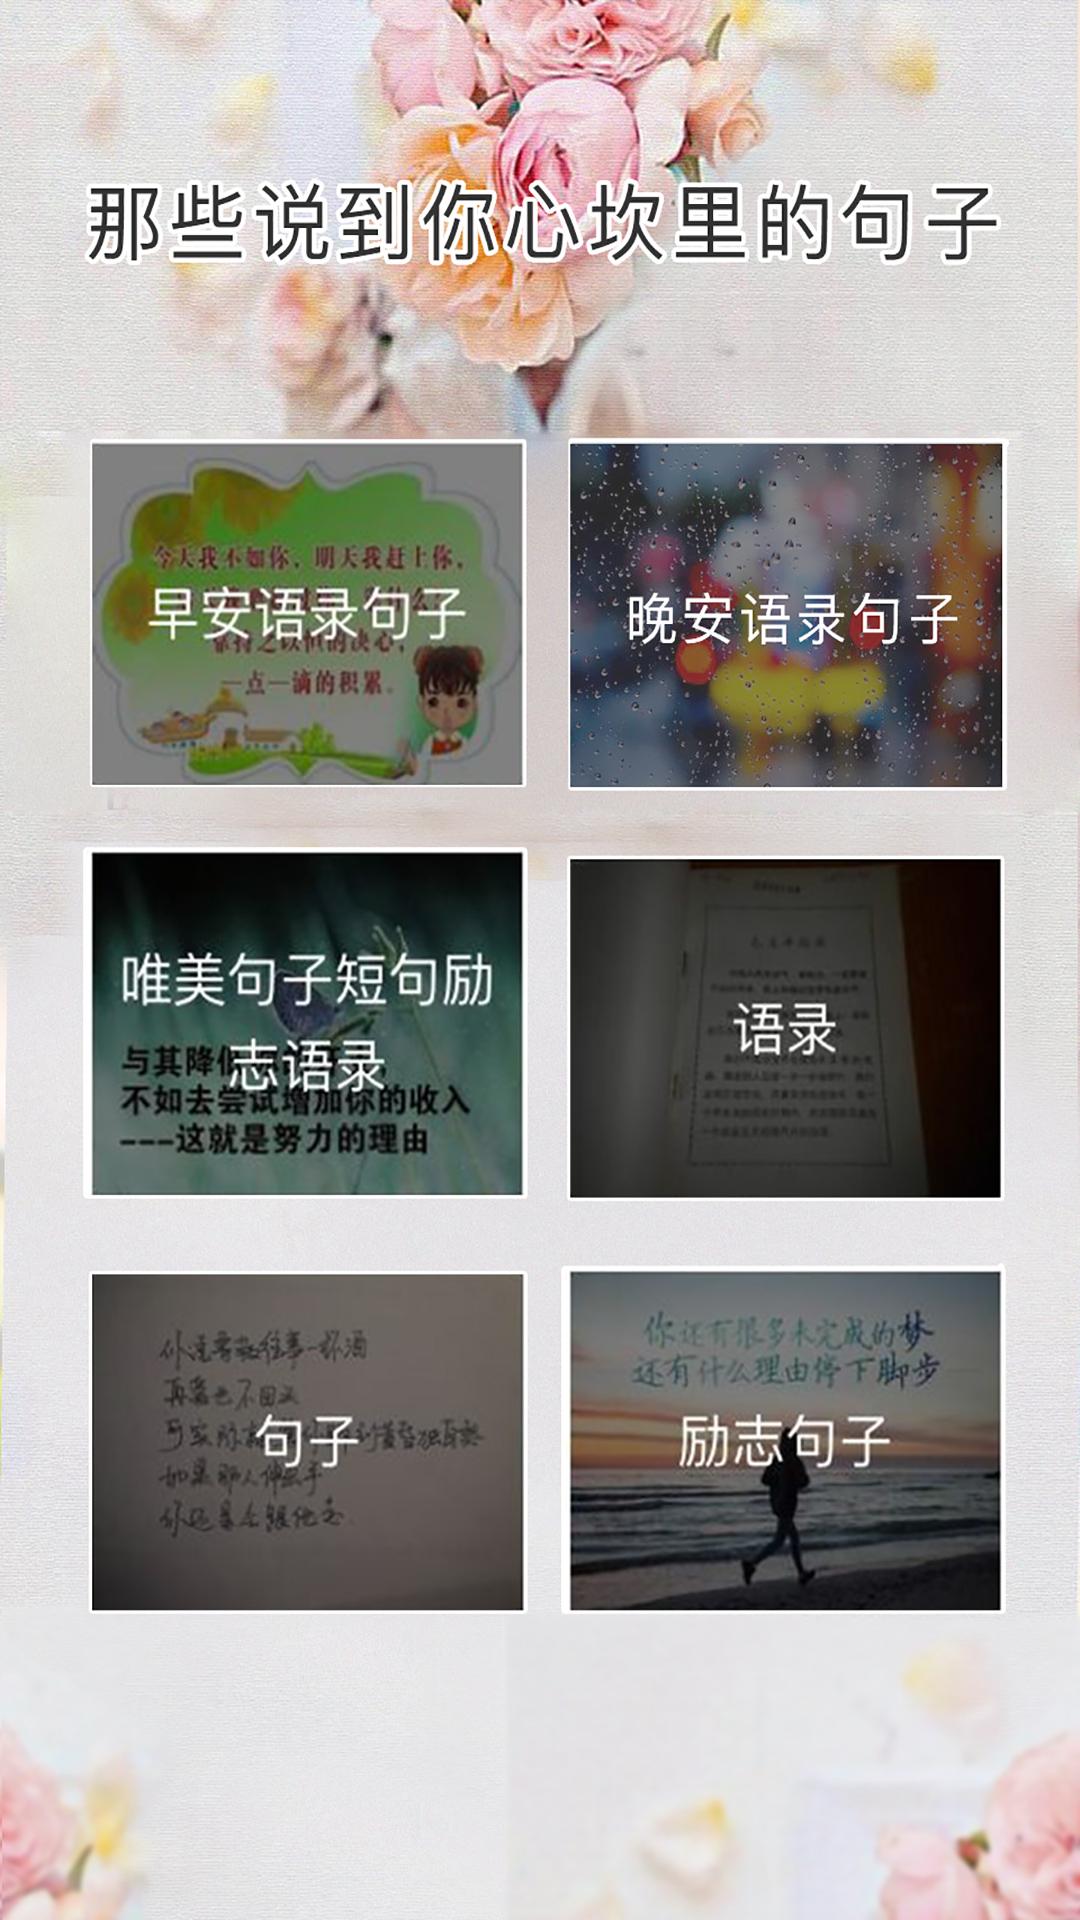 心情语录屋app安卓版下载v3.4.7